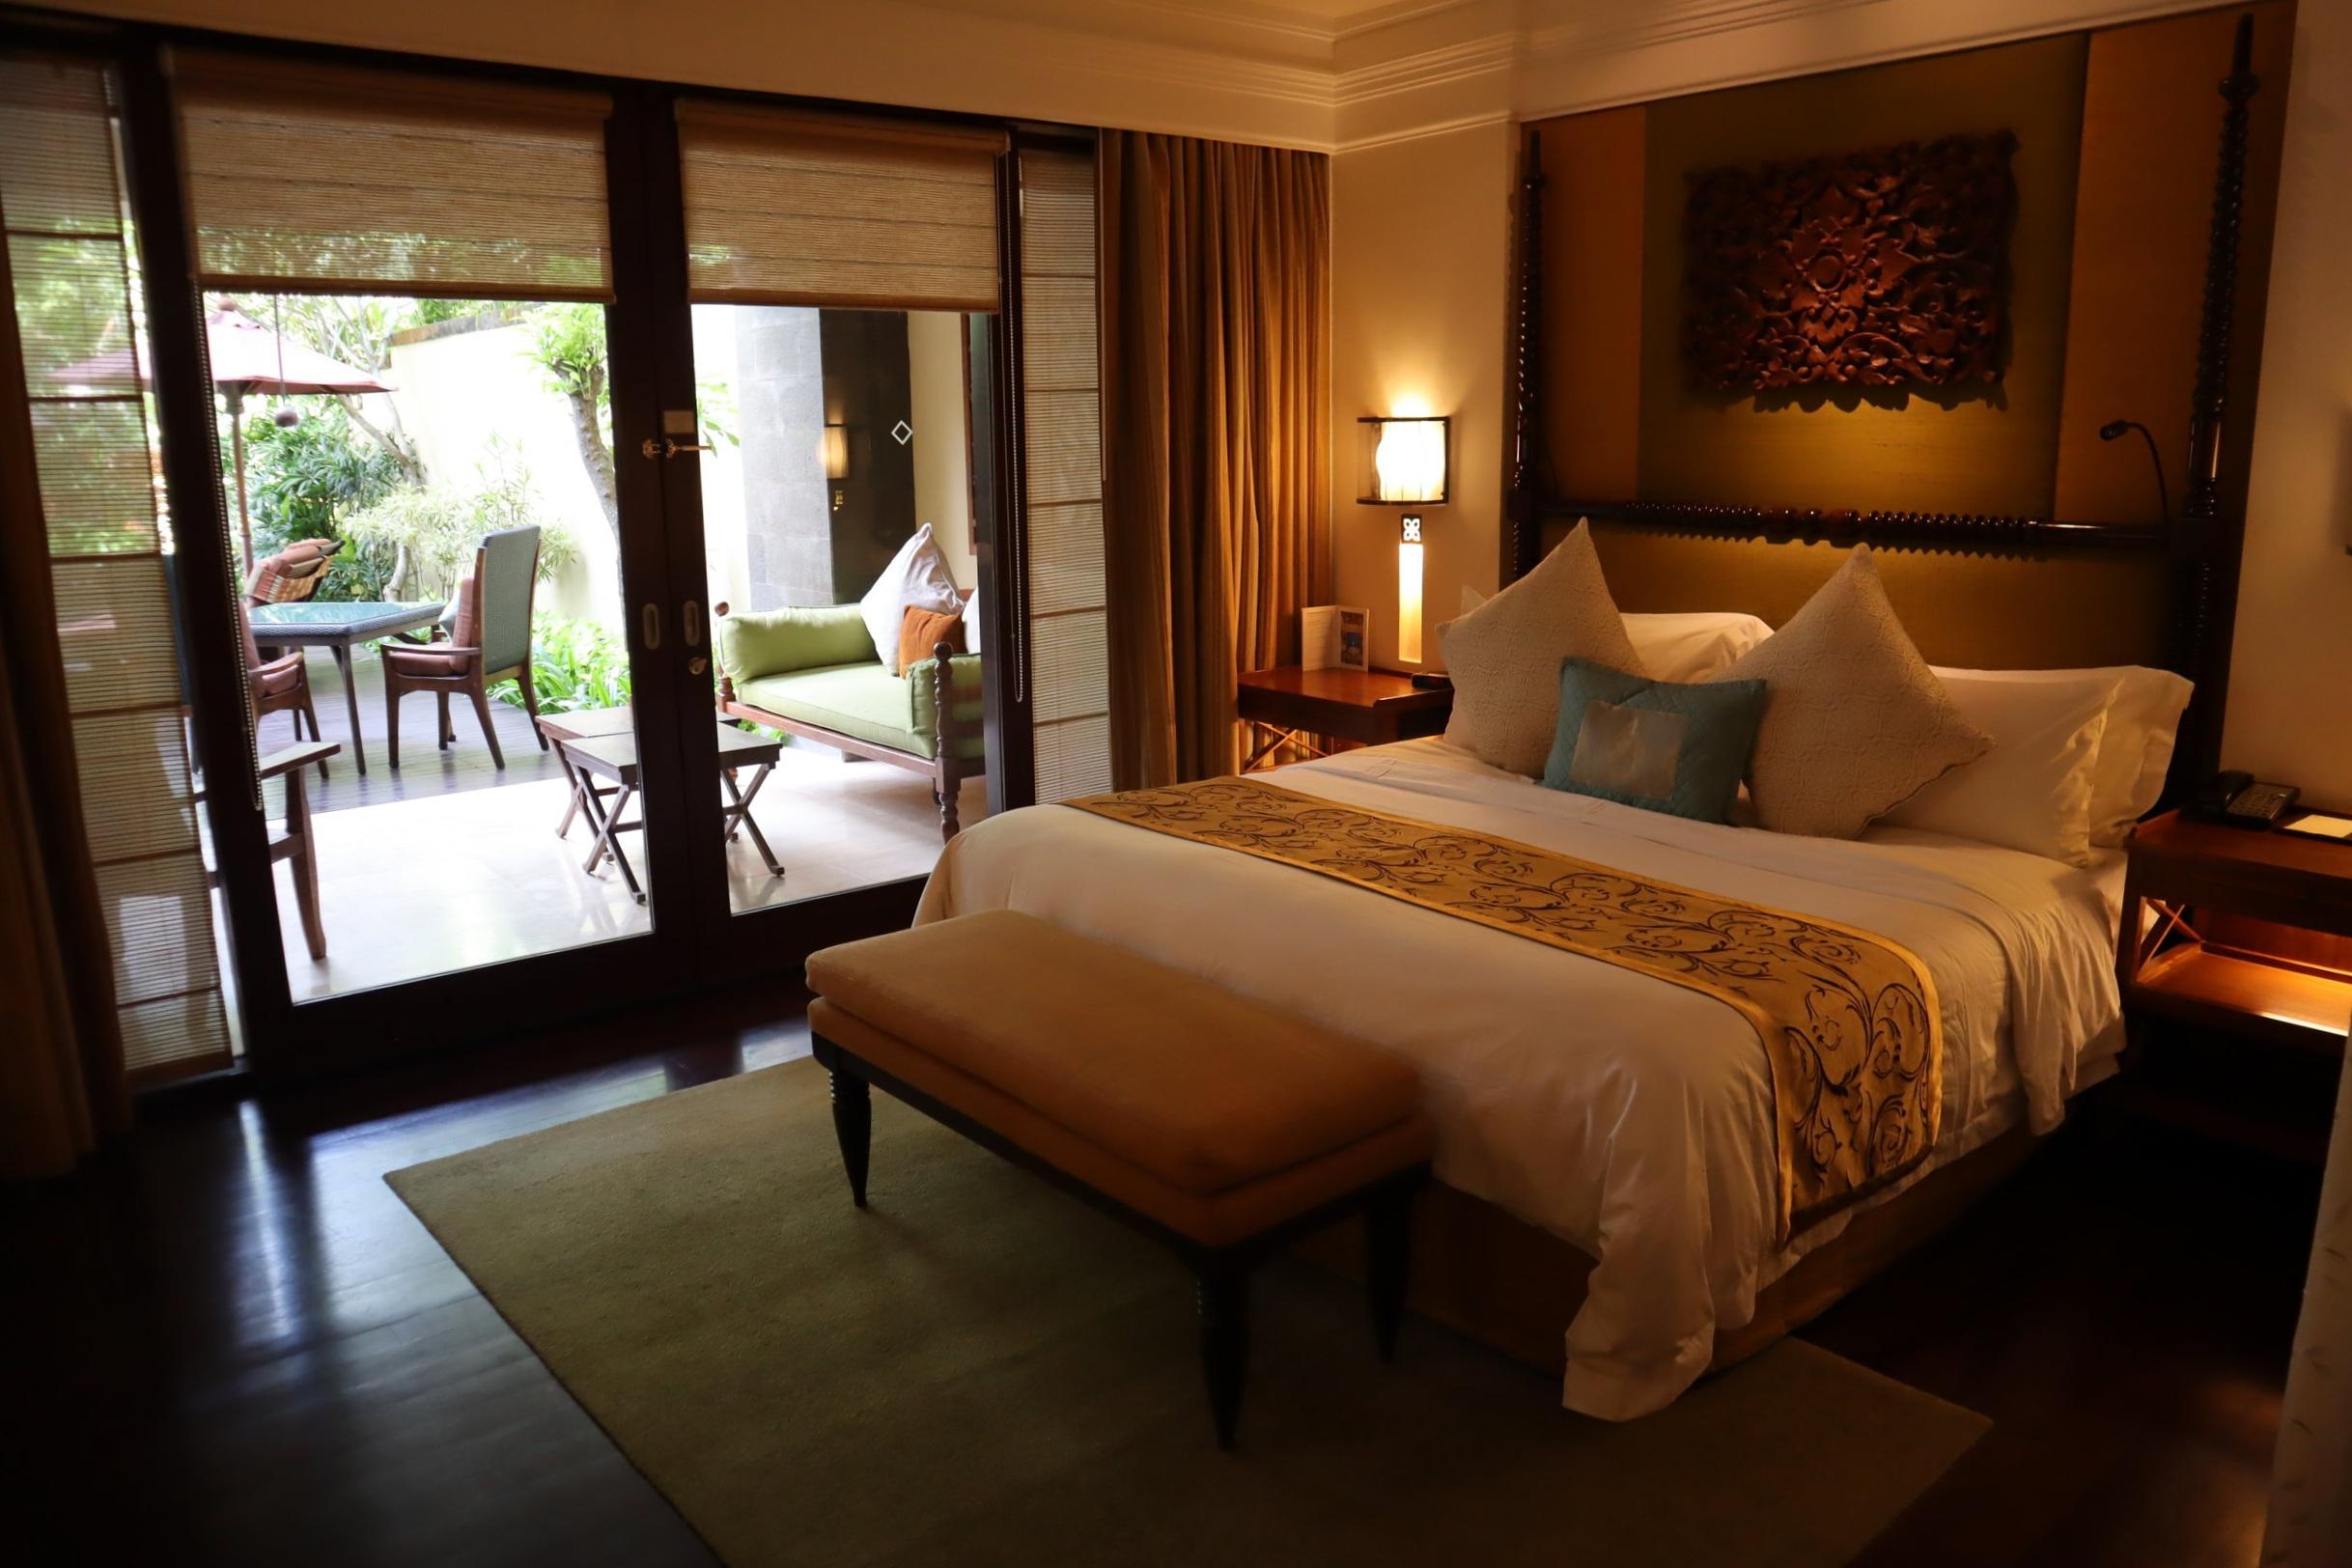 St. Regis Bali – St. Regis Pool Suite bedroom